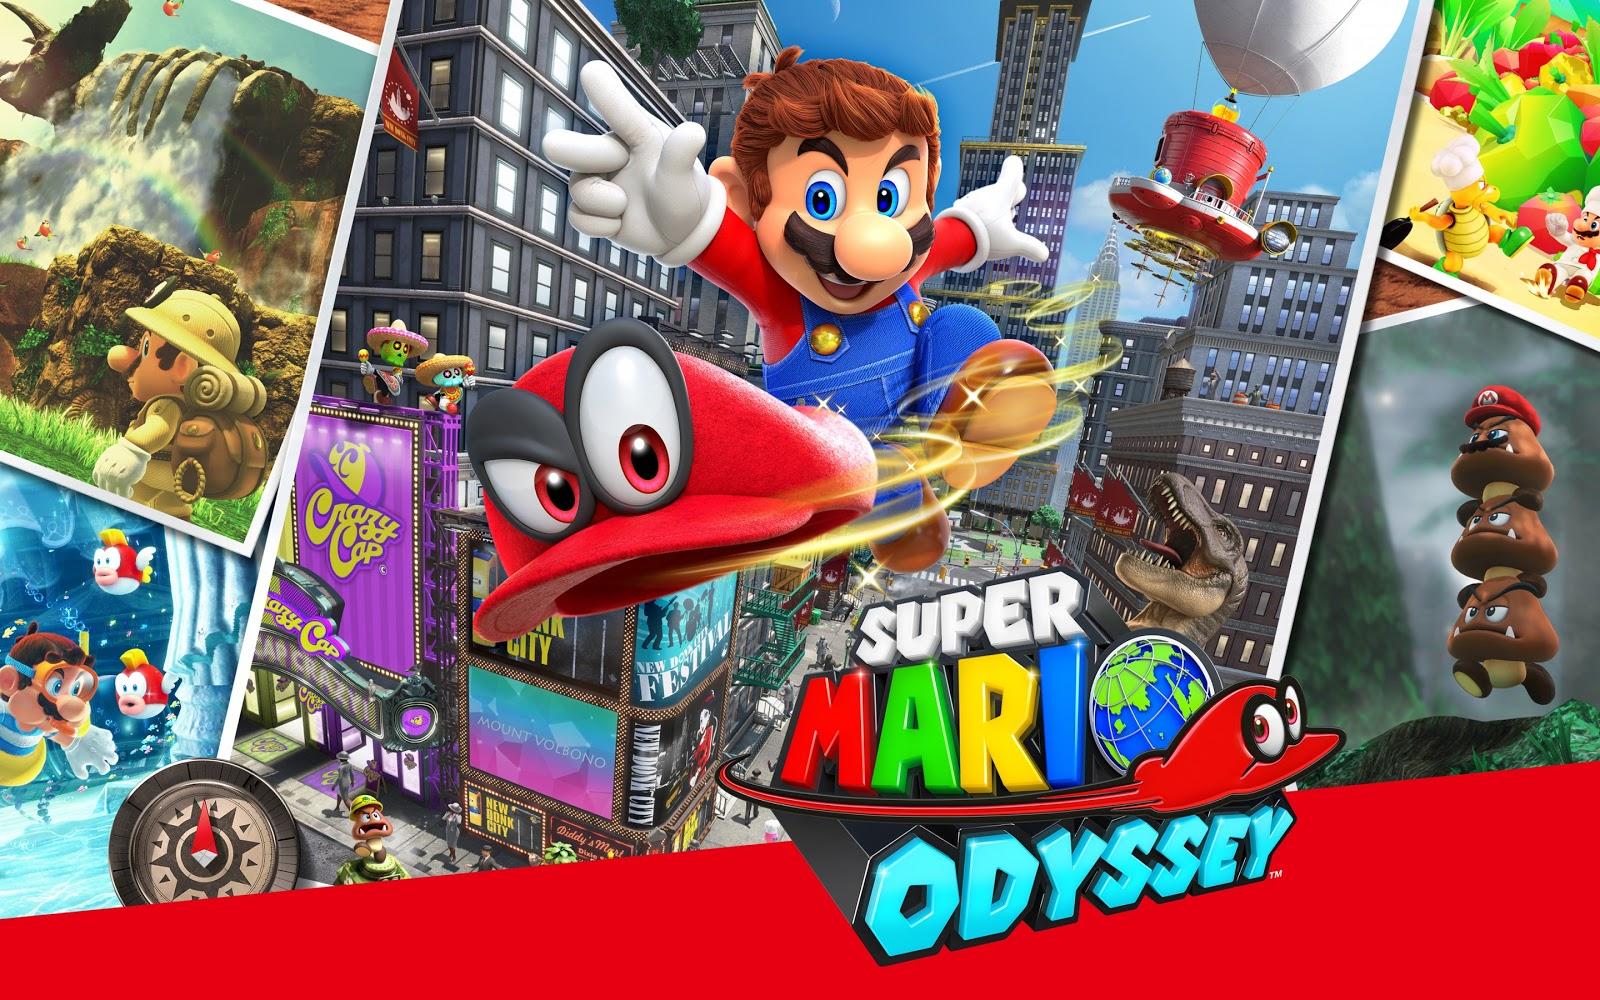 super-mario-odyssey-2880x1800-cappy-mario-4k-10793